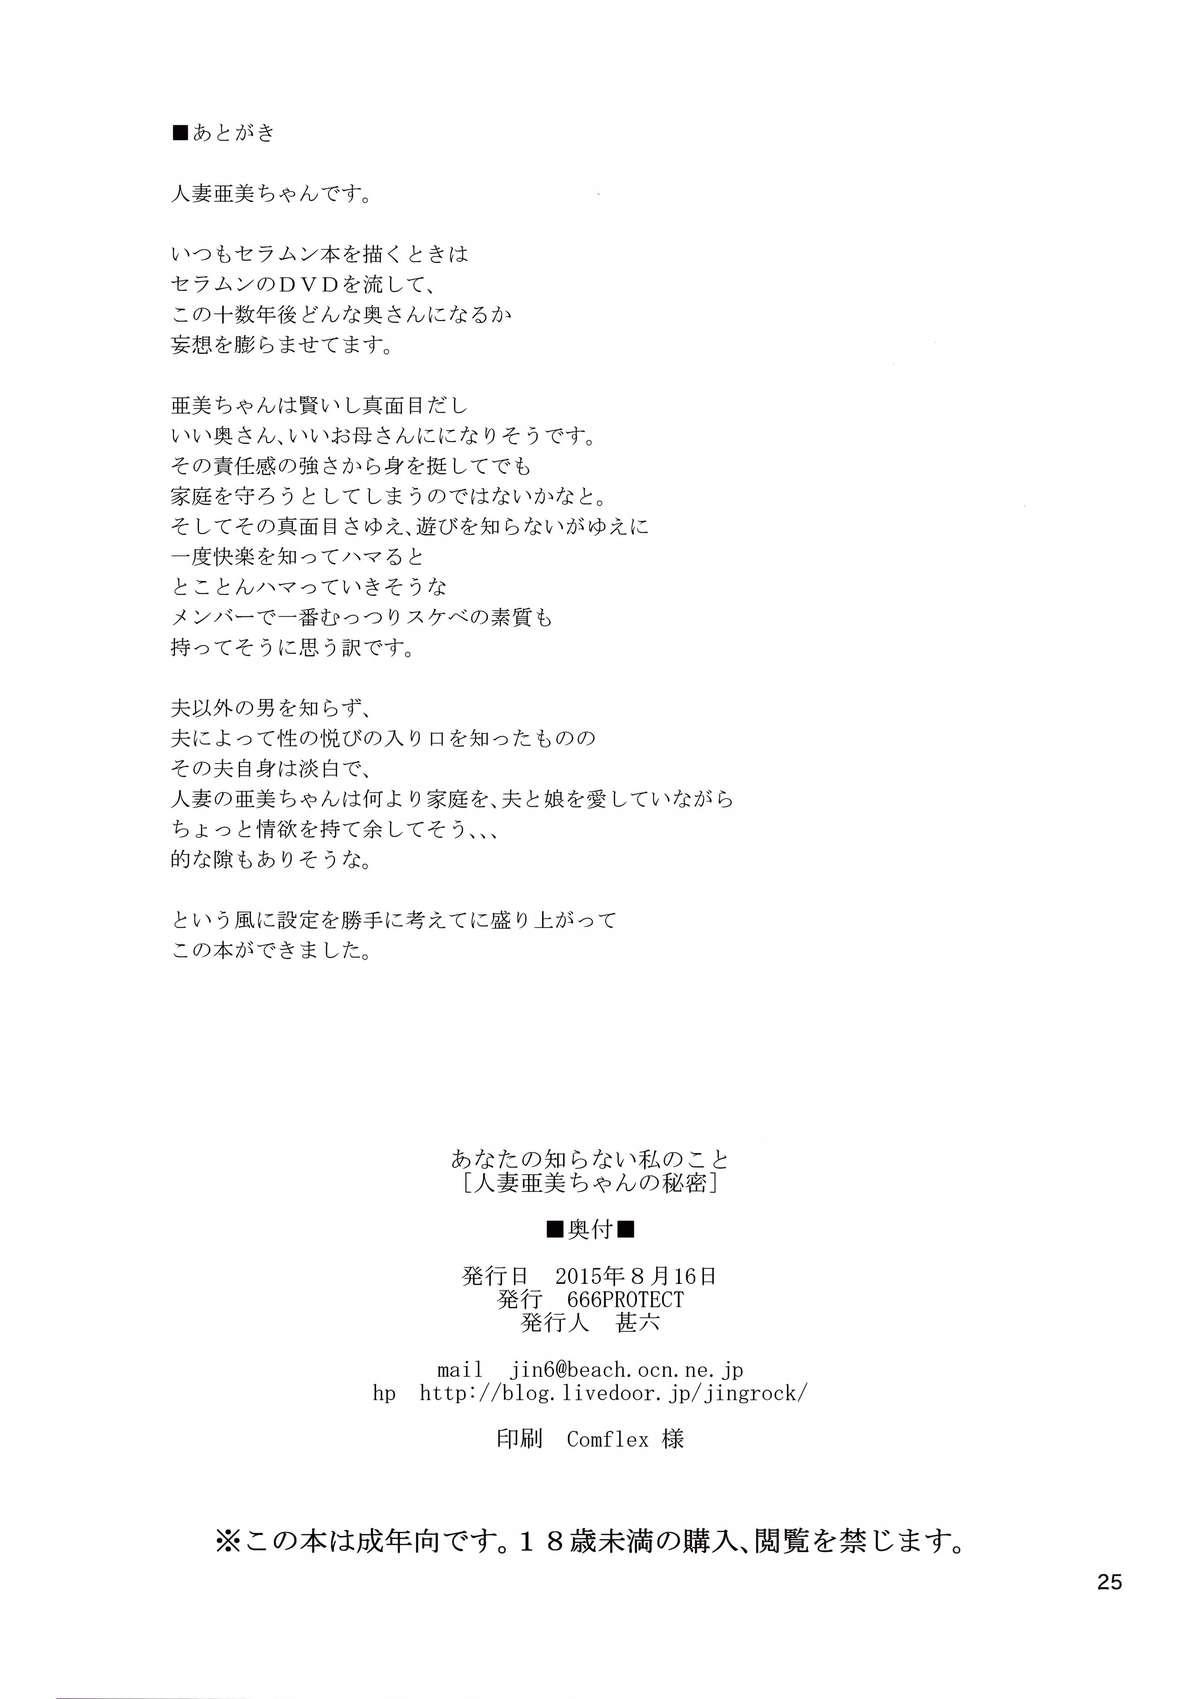 HentaiVN.net - Ảnh 27 - Anata no Shiranai Watashi no Koto - Hitozuma Ami-chan no Himitsu, Bishoujo Senshi Sailor Moon - Oneshot